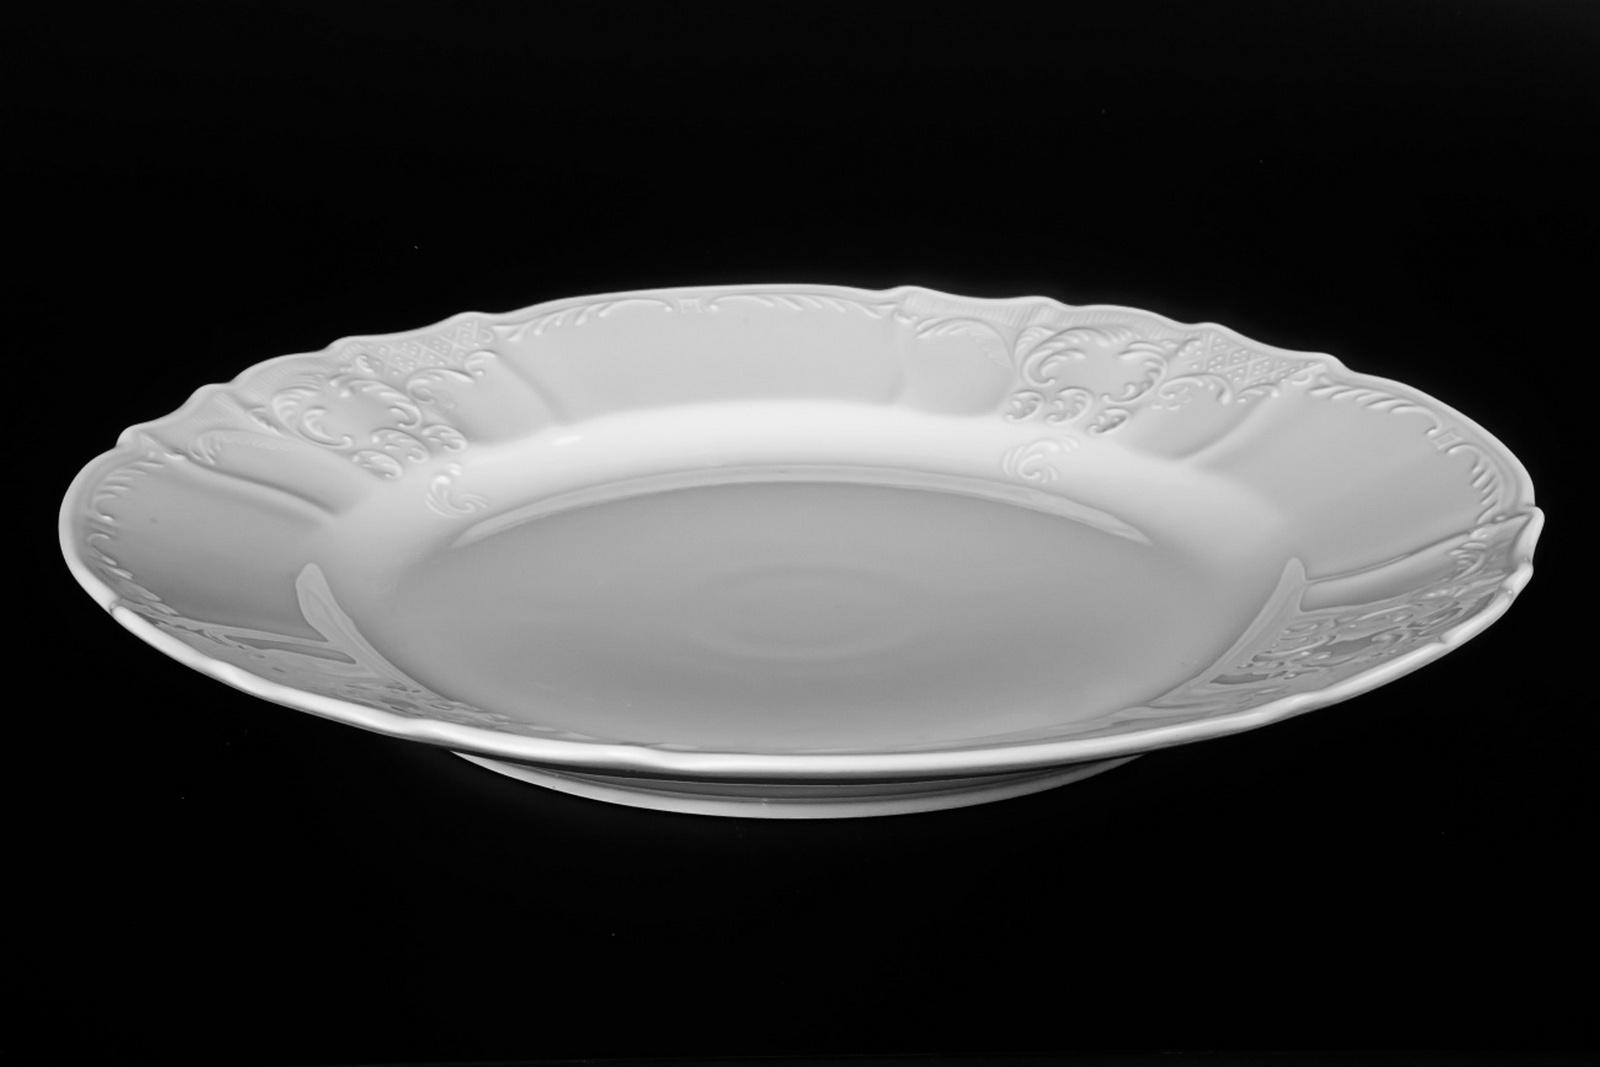 Блюдо круглое Бернадотт, 11144, 32 см